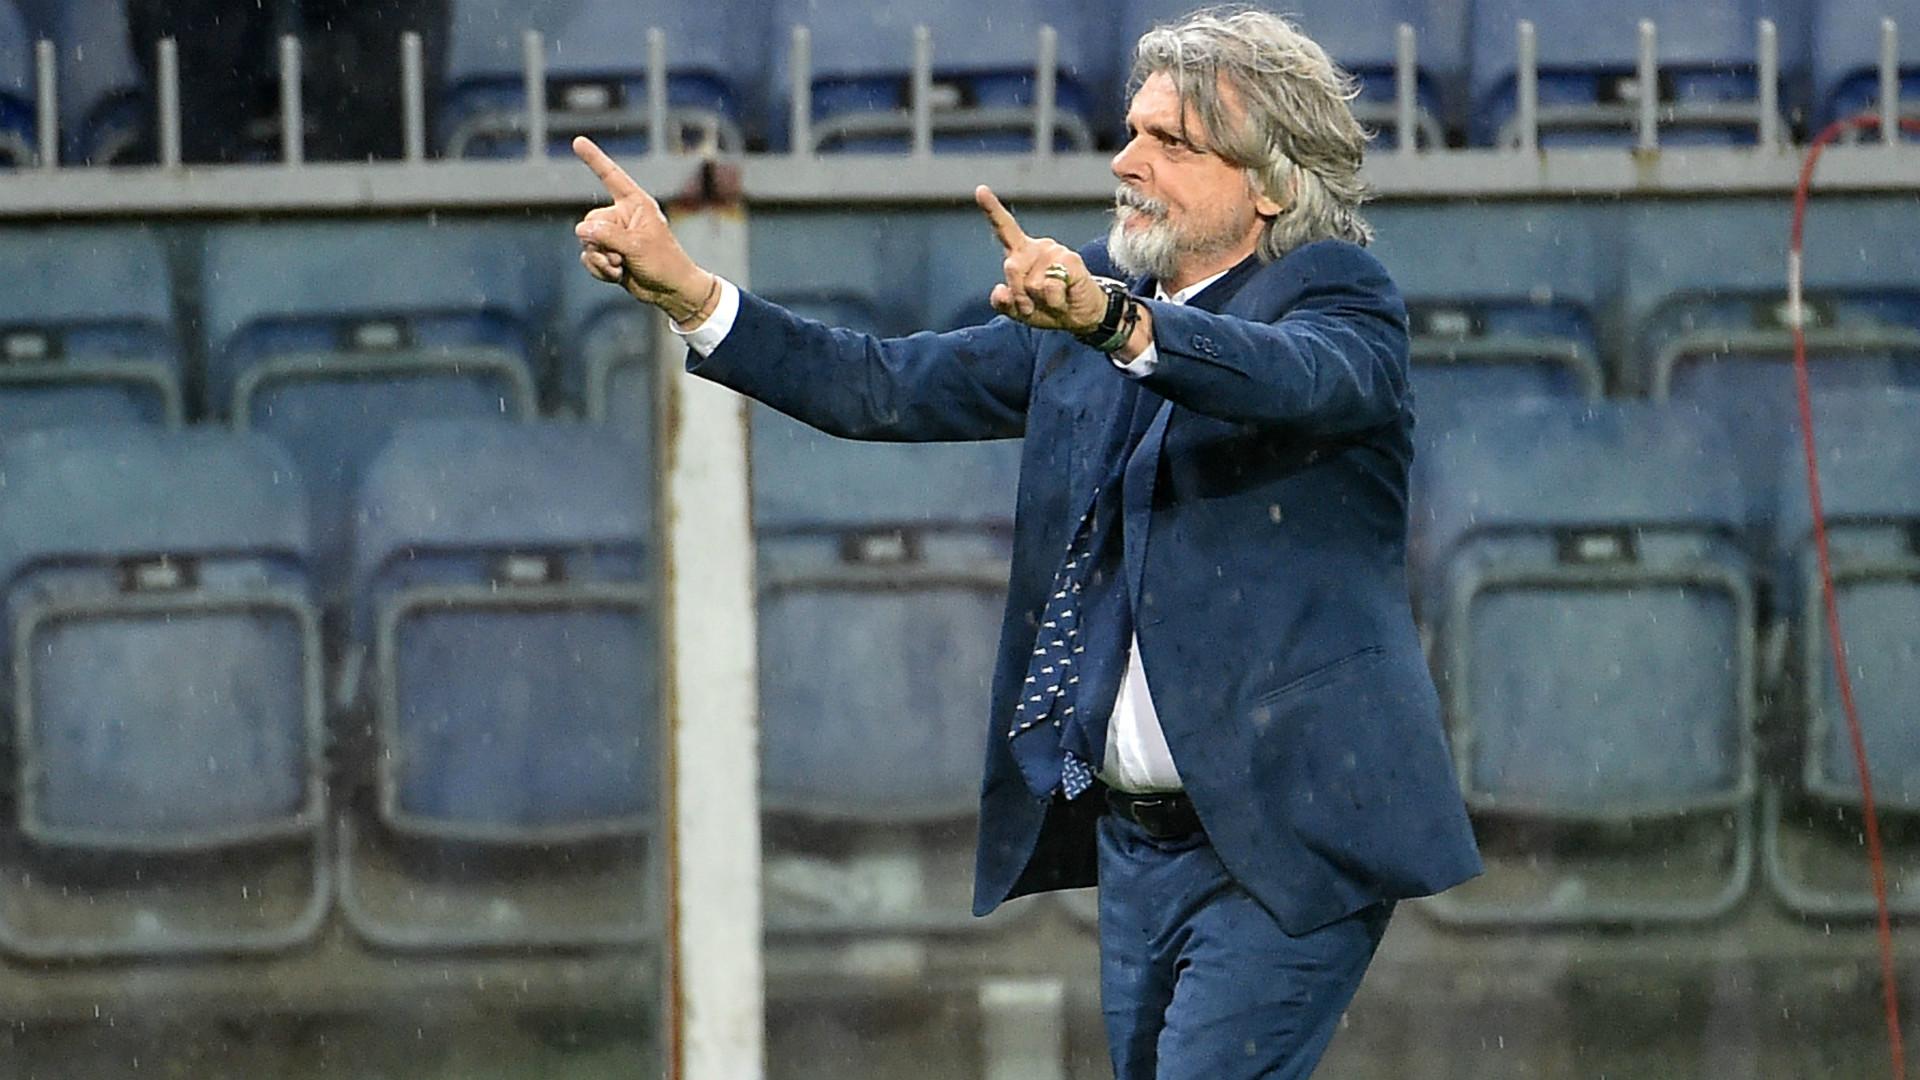 Serie A, Giudice Sportivo: ammenda e diffida per la Sampdoria